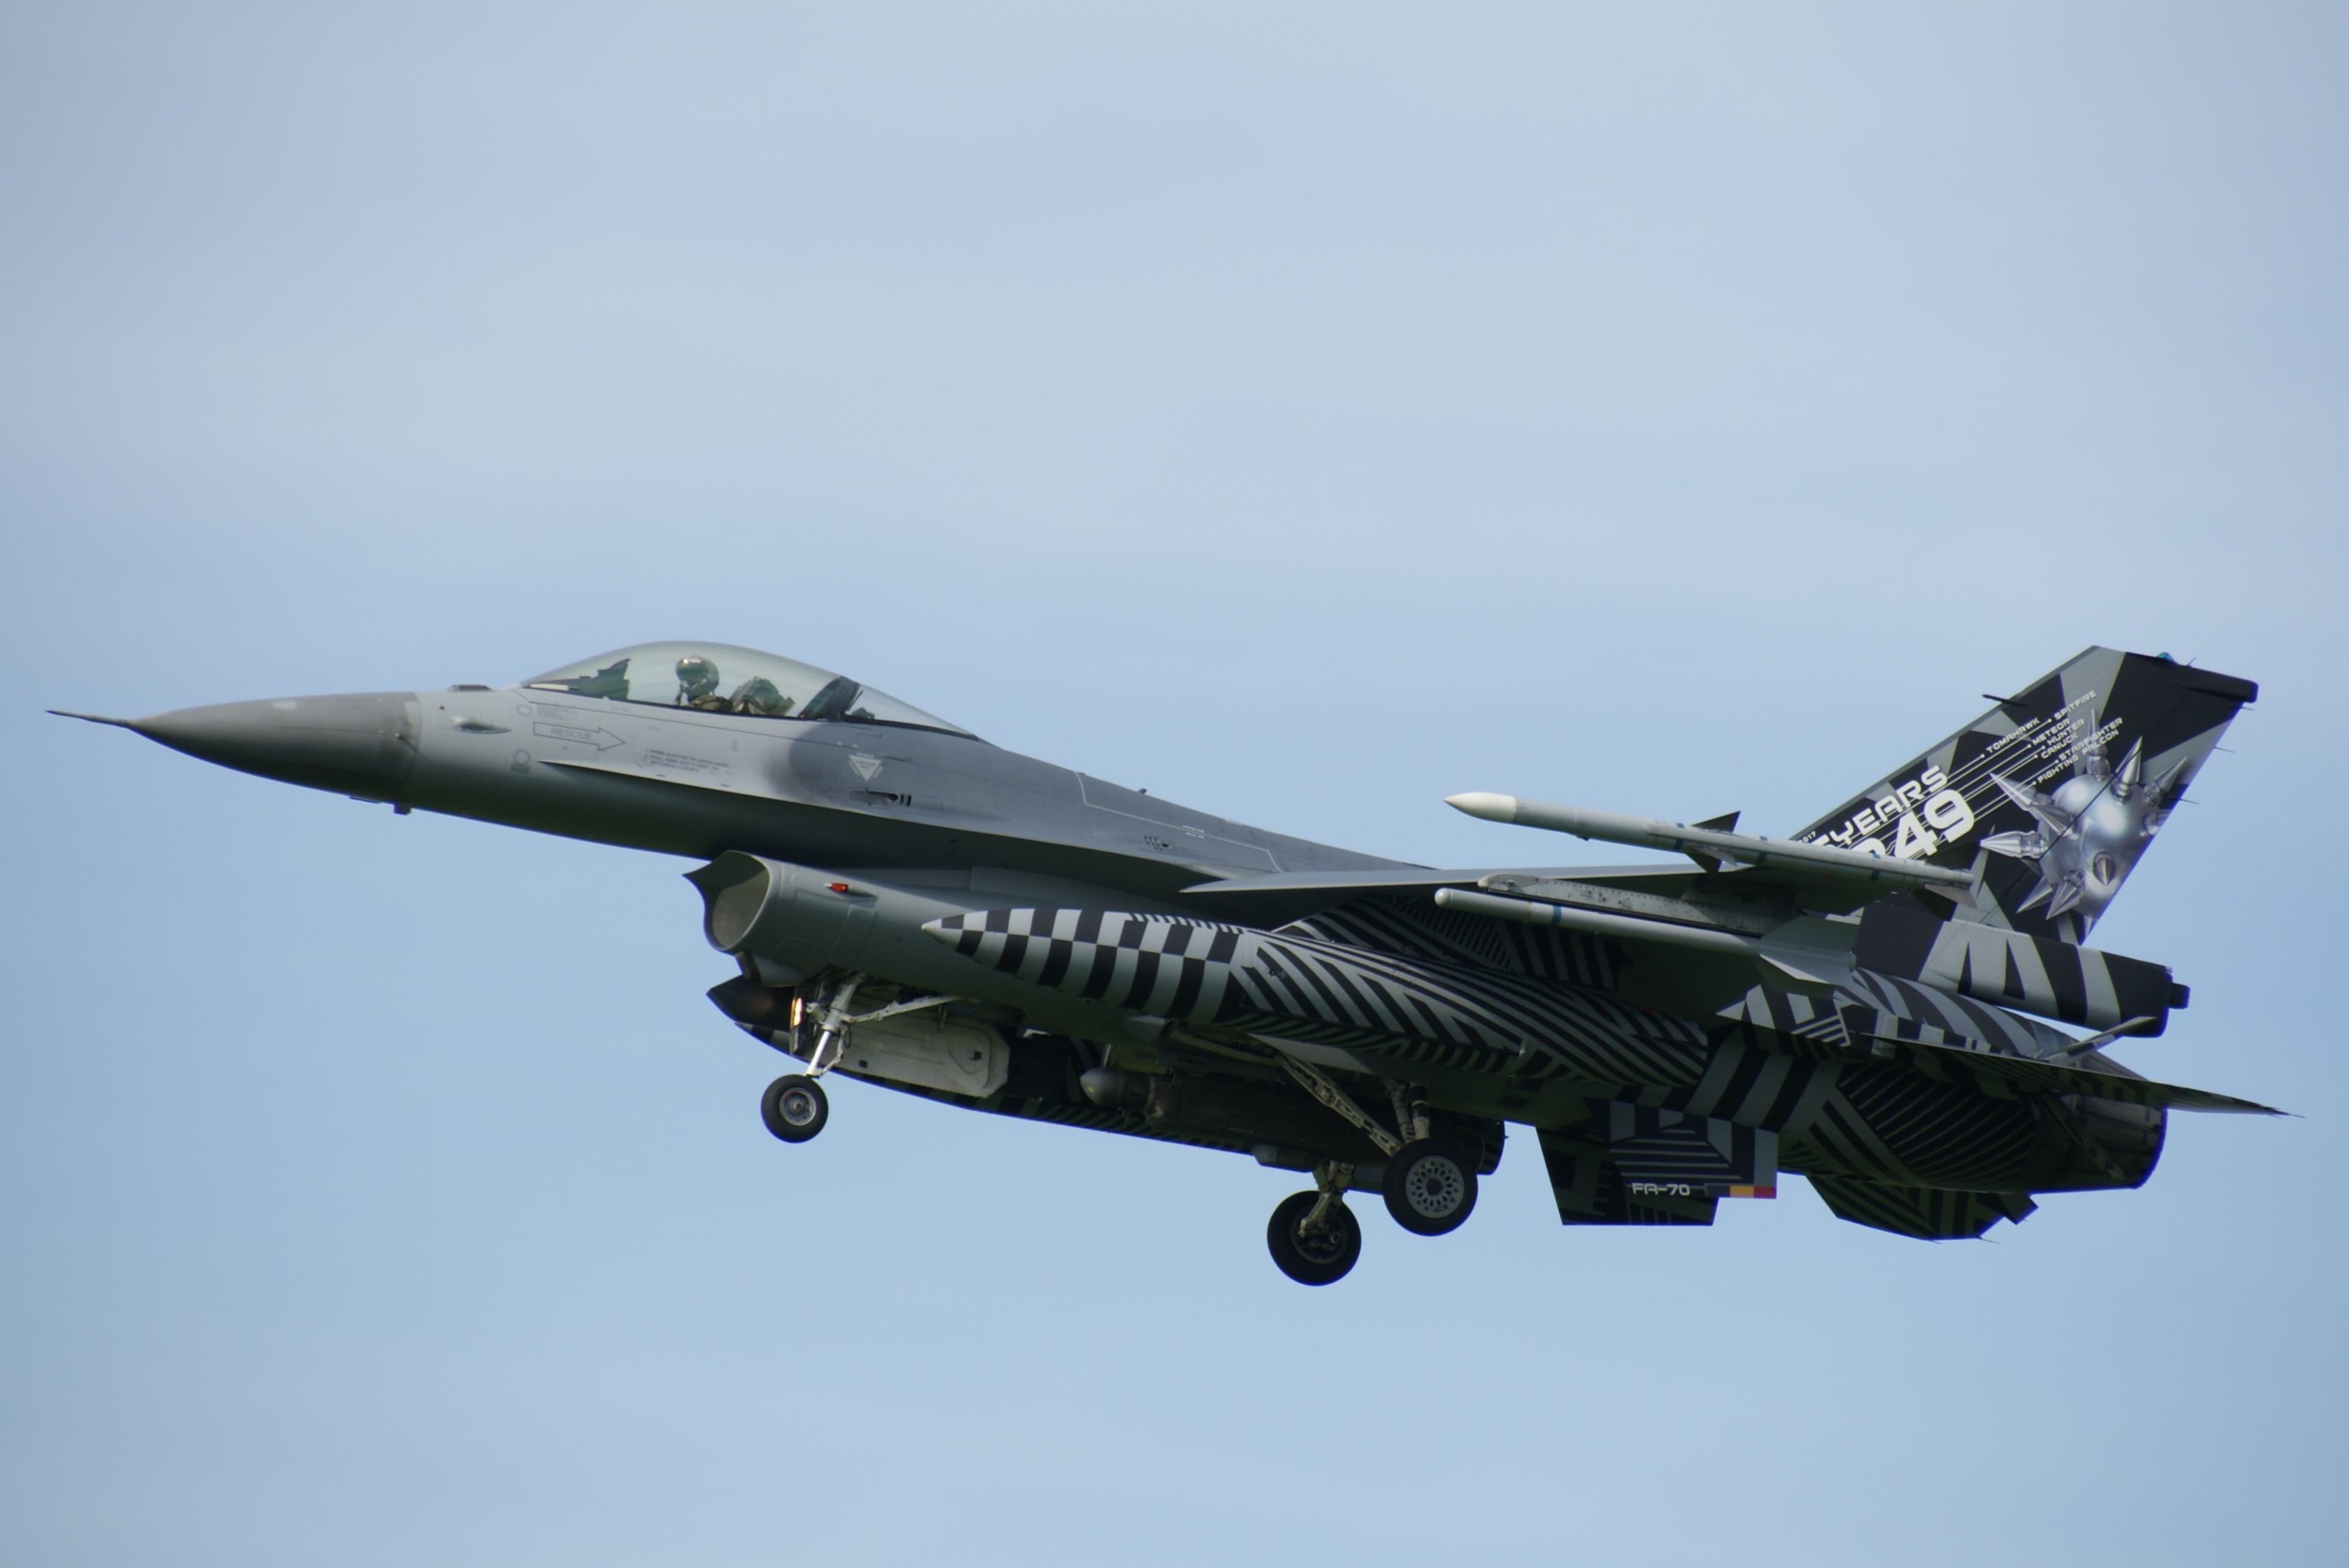 Naam: FA-70 SPECIAL (4).jpg Bekeken: 256 Grootte: 239,1 KB